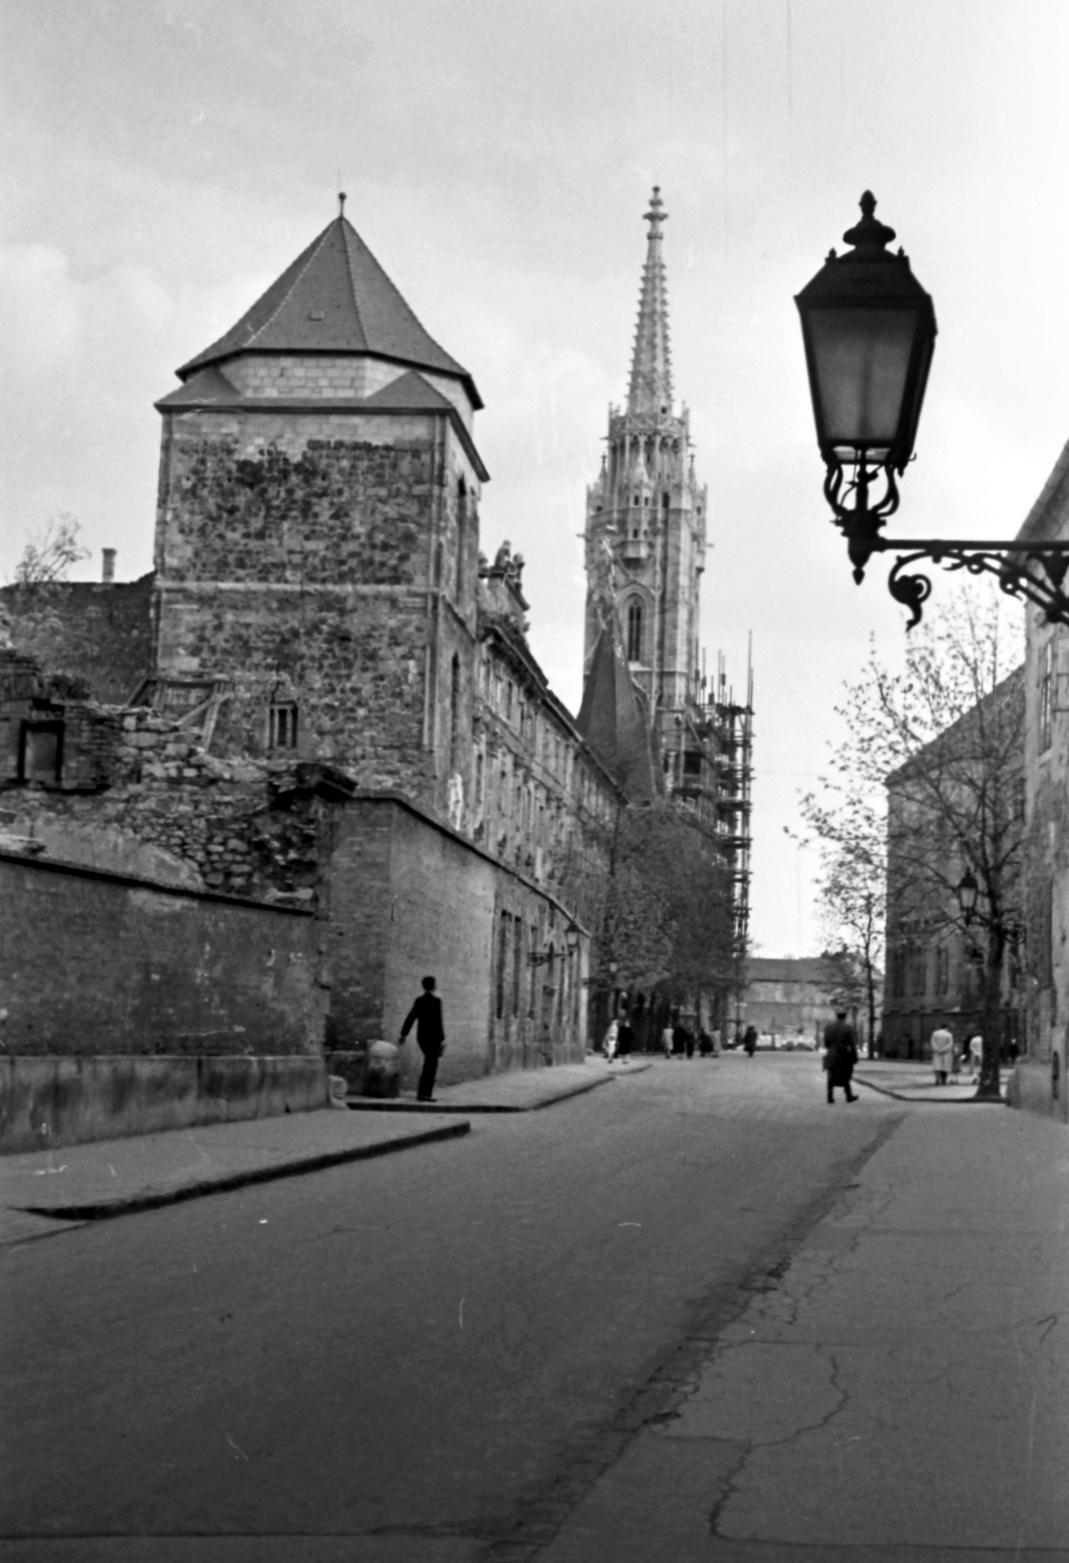 Hilton-BudaiVar-1950esEvek-fortepan.hu-24264